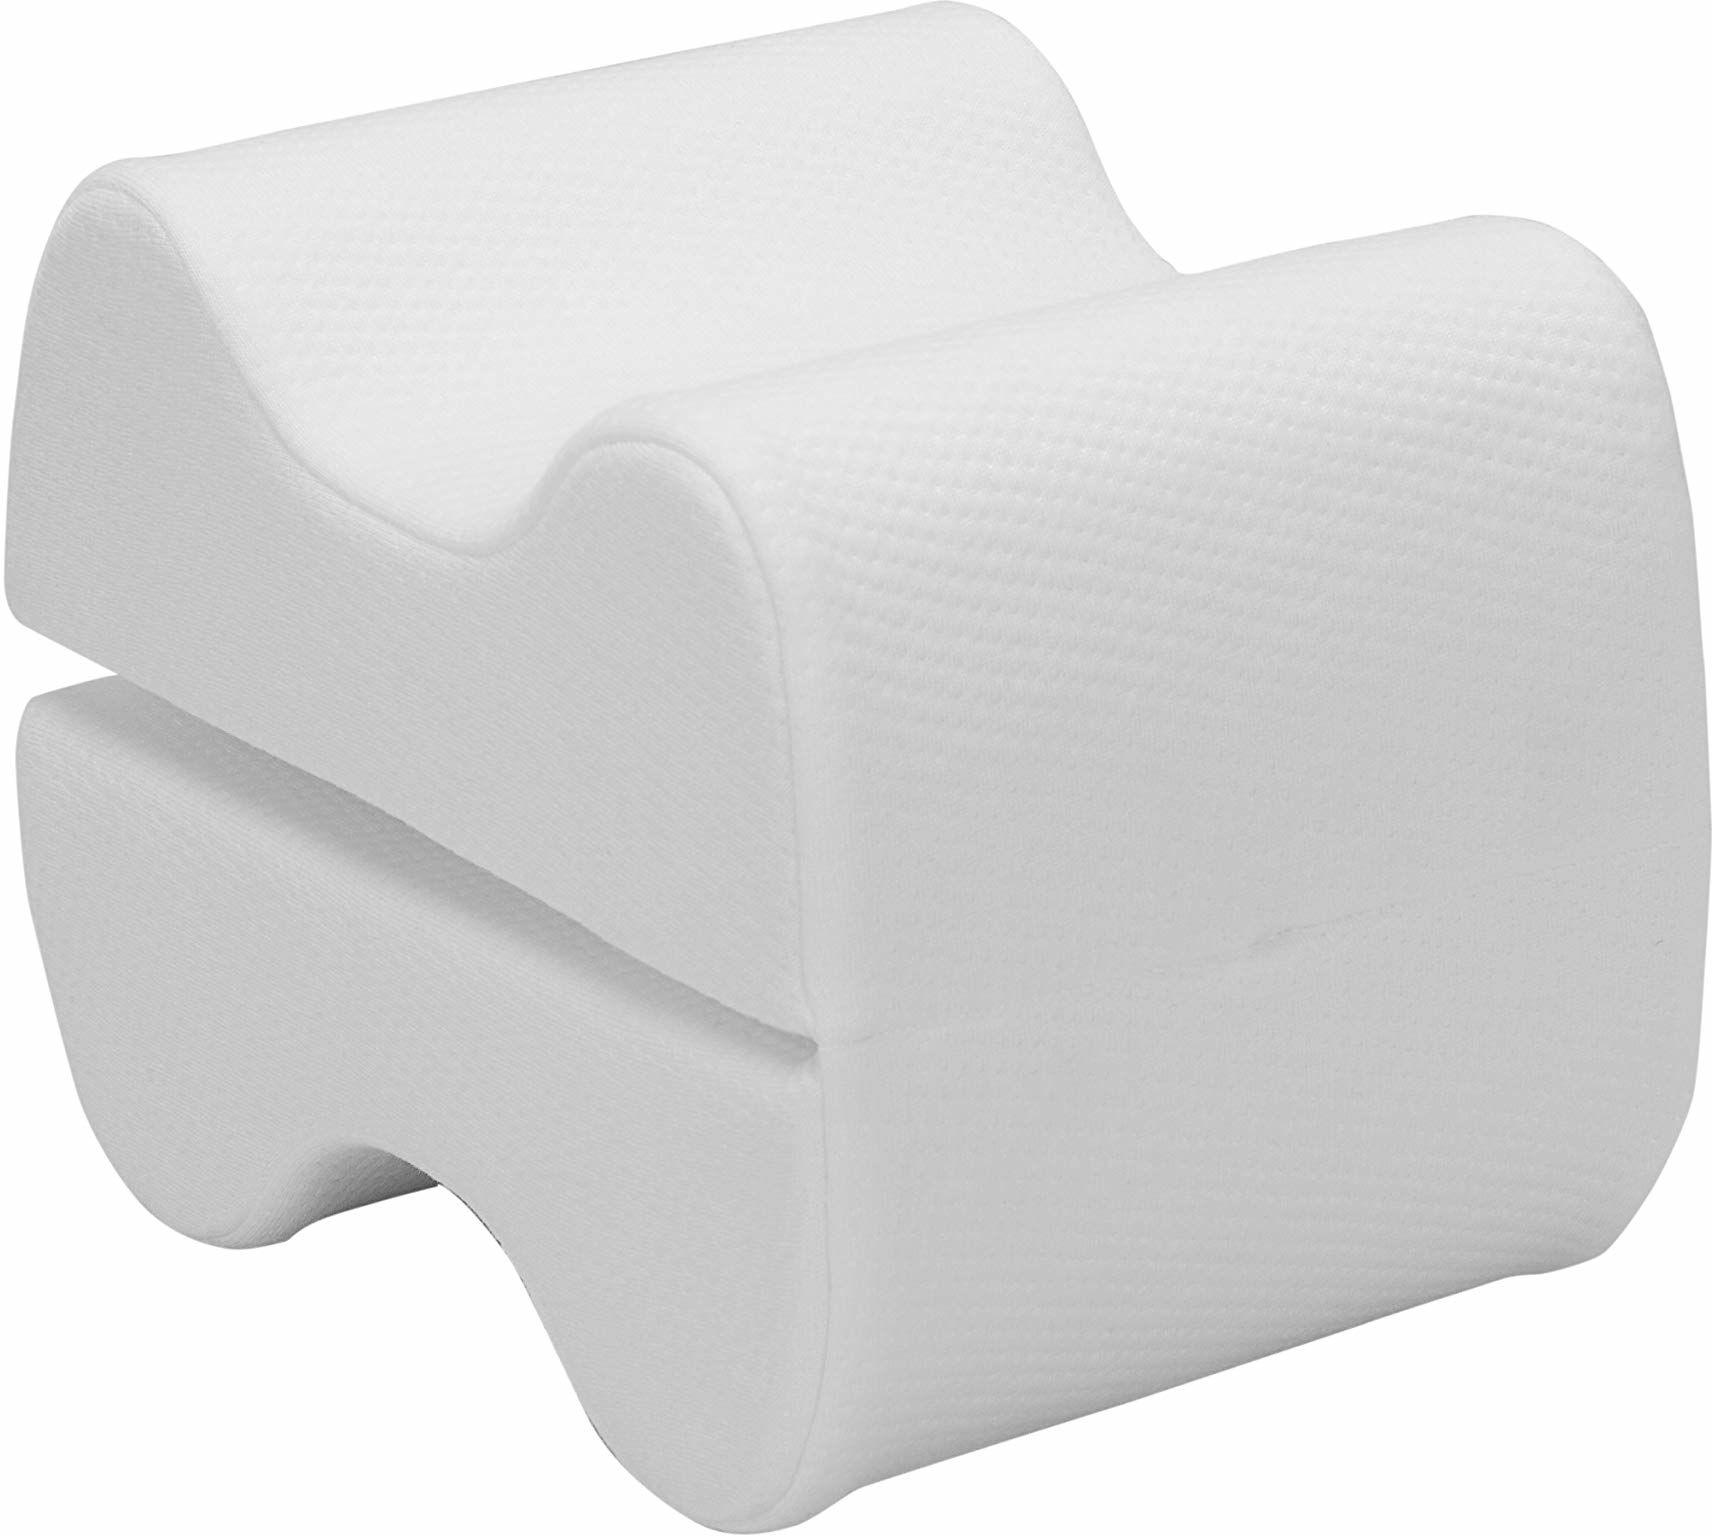 Pikolin Home - Poduszka na nogi z wiskoelastycznej wiskozy, ergonomiczna, 20 x 15 cm, kolor naturalny